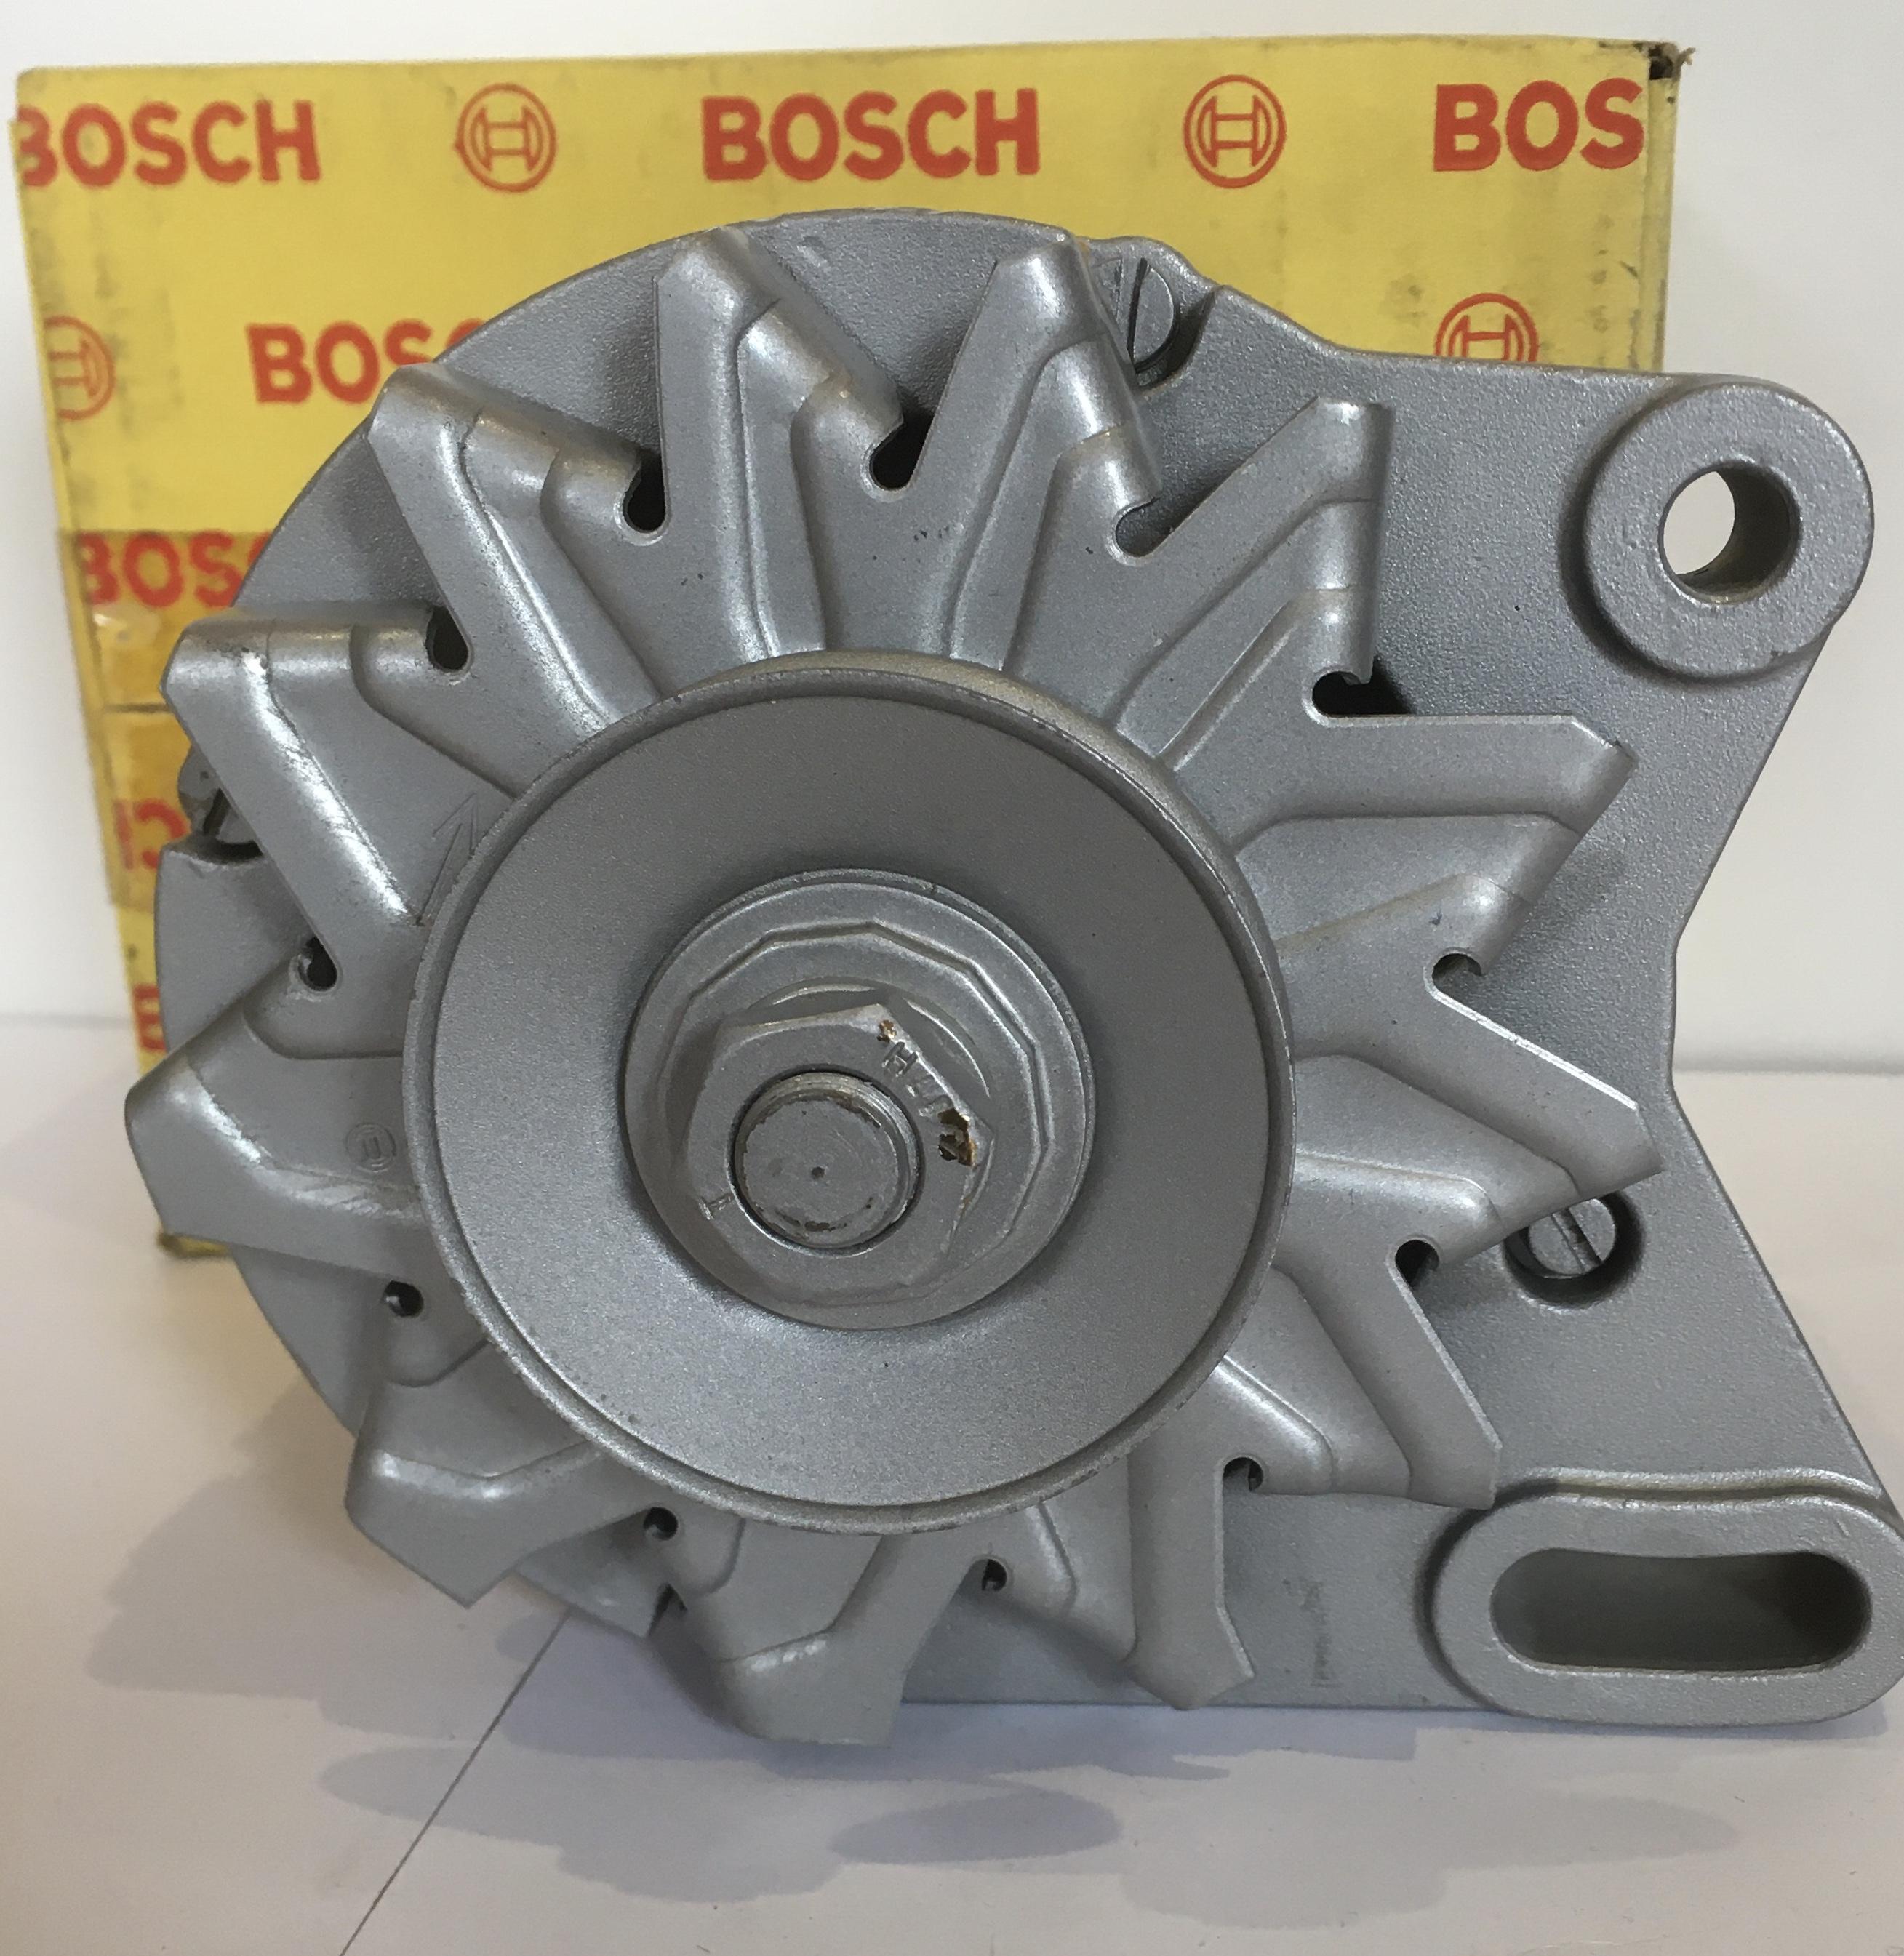 Bosch Lichtmaschine 0120400937 0986030490 14V Alternateur Alternator Generator